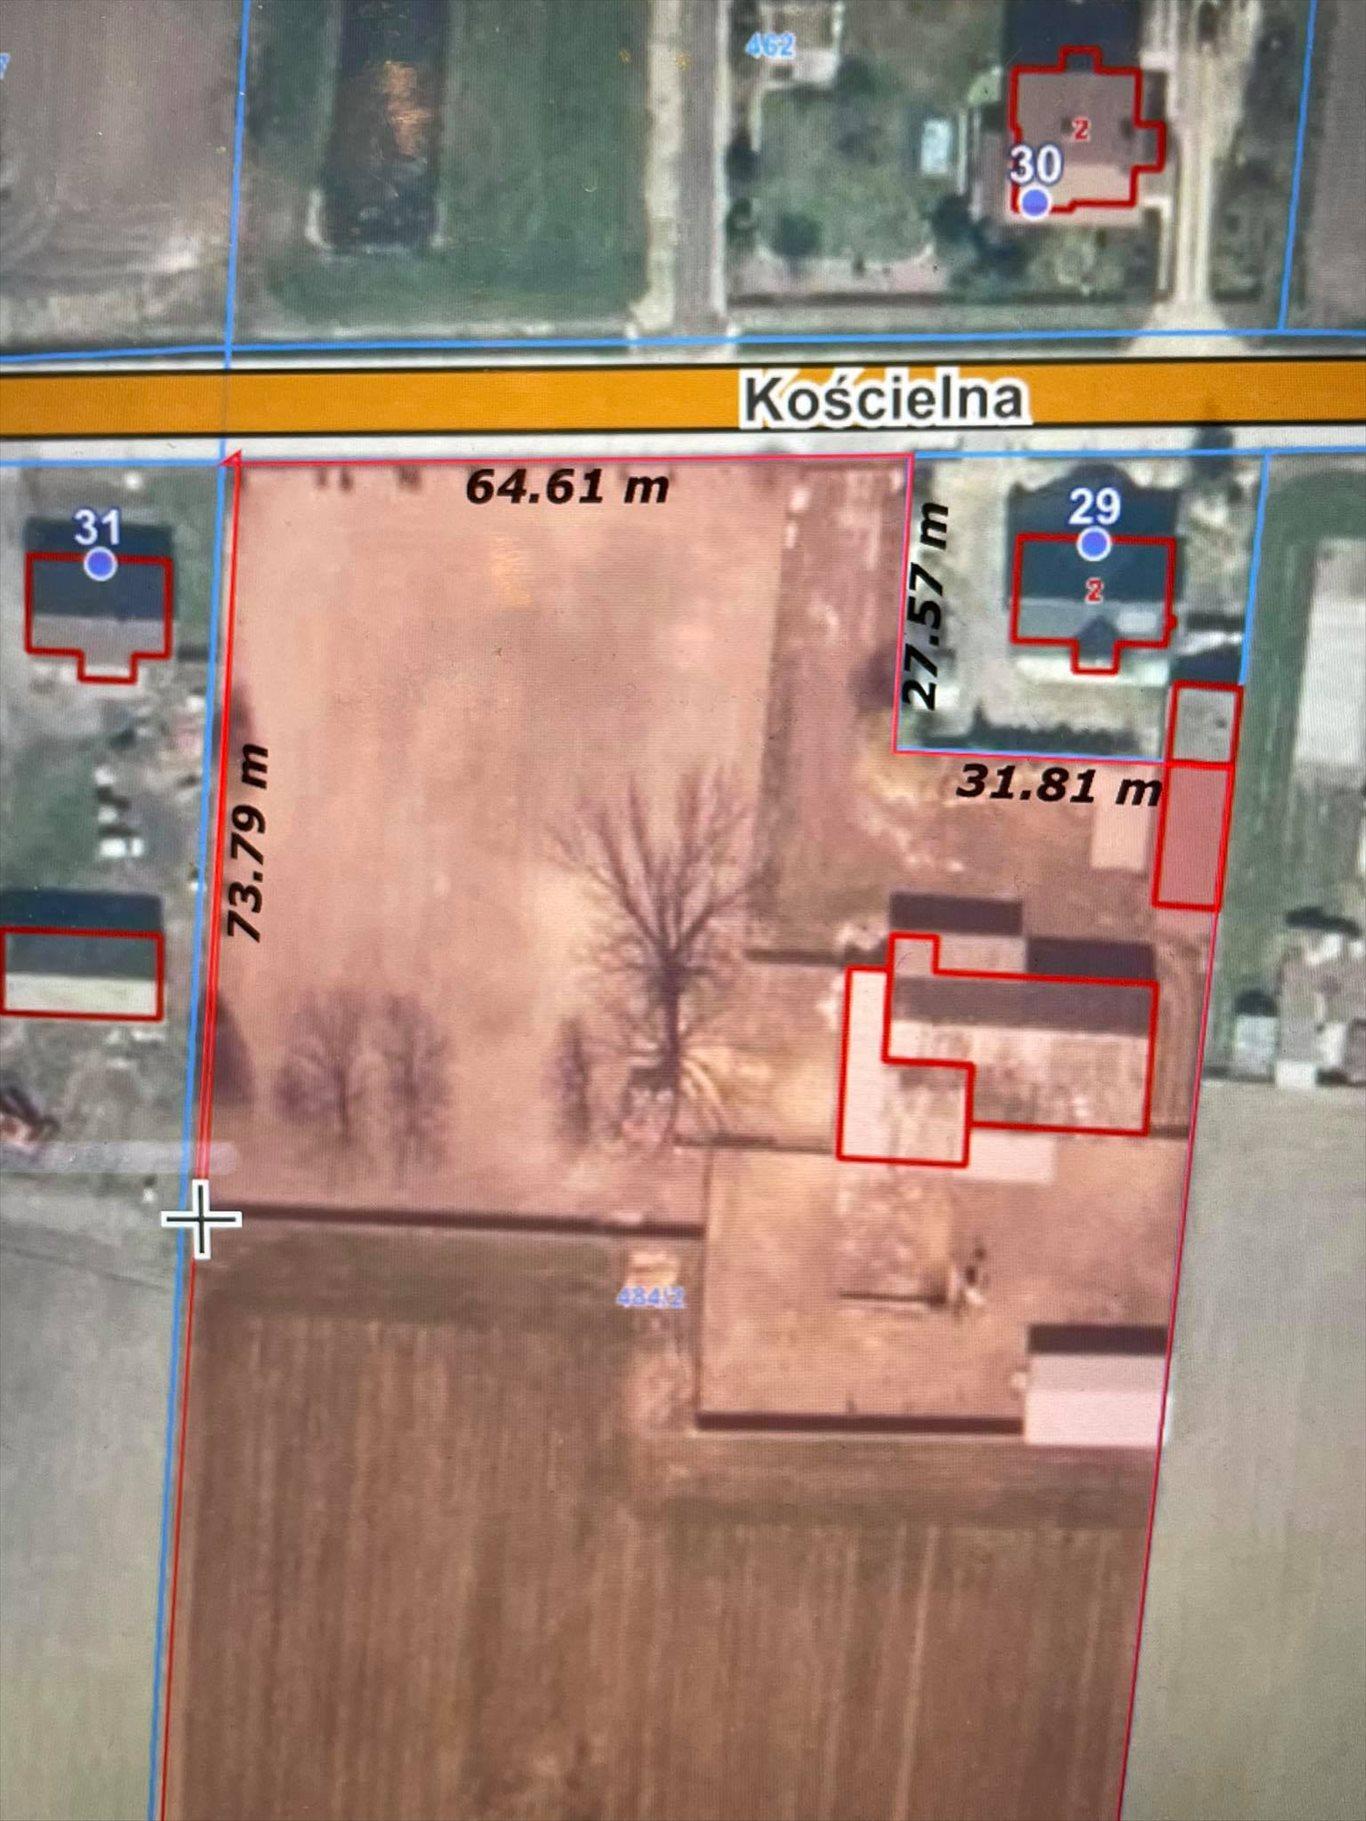 Działka gospodarstwo rolne na sprzedaż Przystajń, Ługi Radły, Kościelna 29a  60000m2 Foto 1